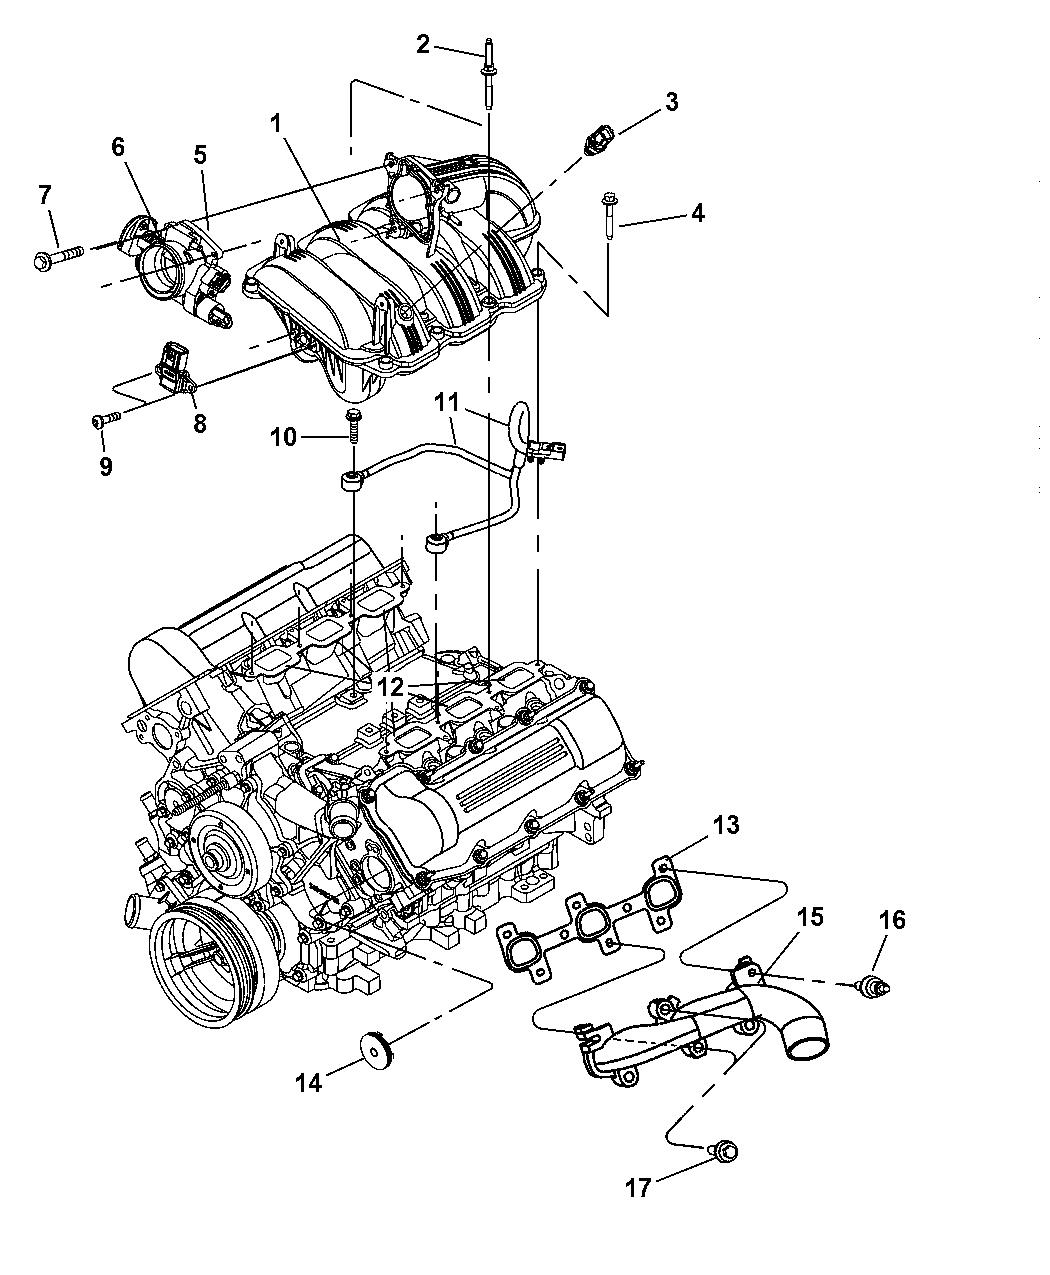 2003 Dodge Ram 1500 Manifolds - Intake & Exhaust - Thumbnail 1